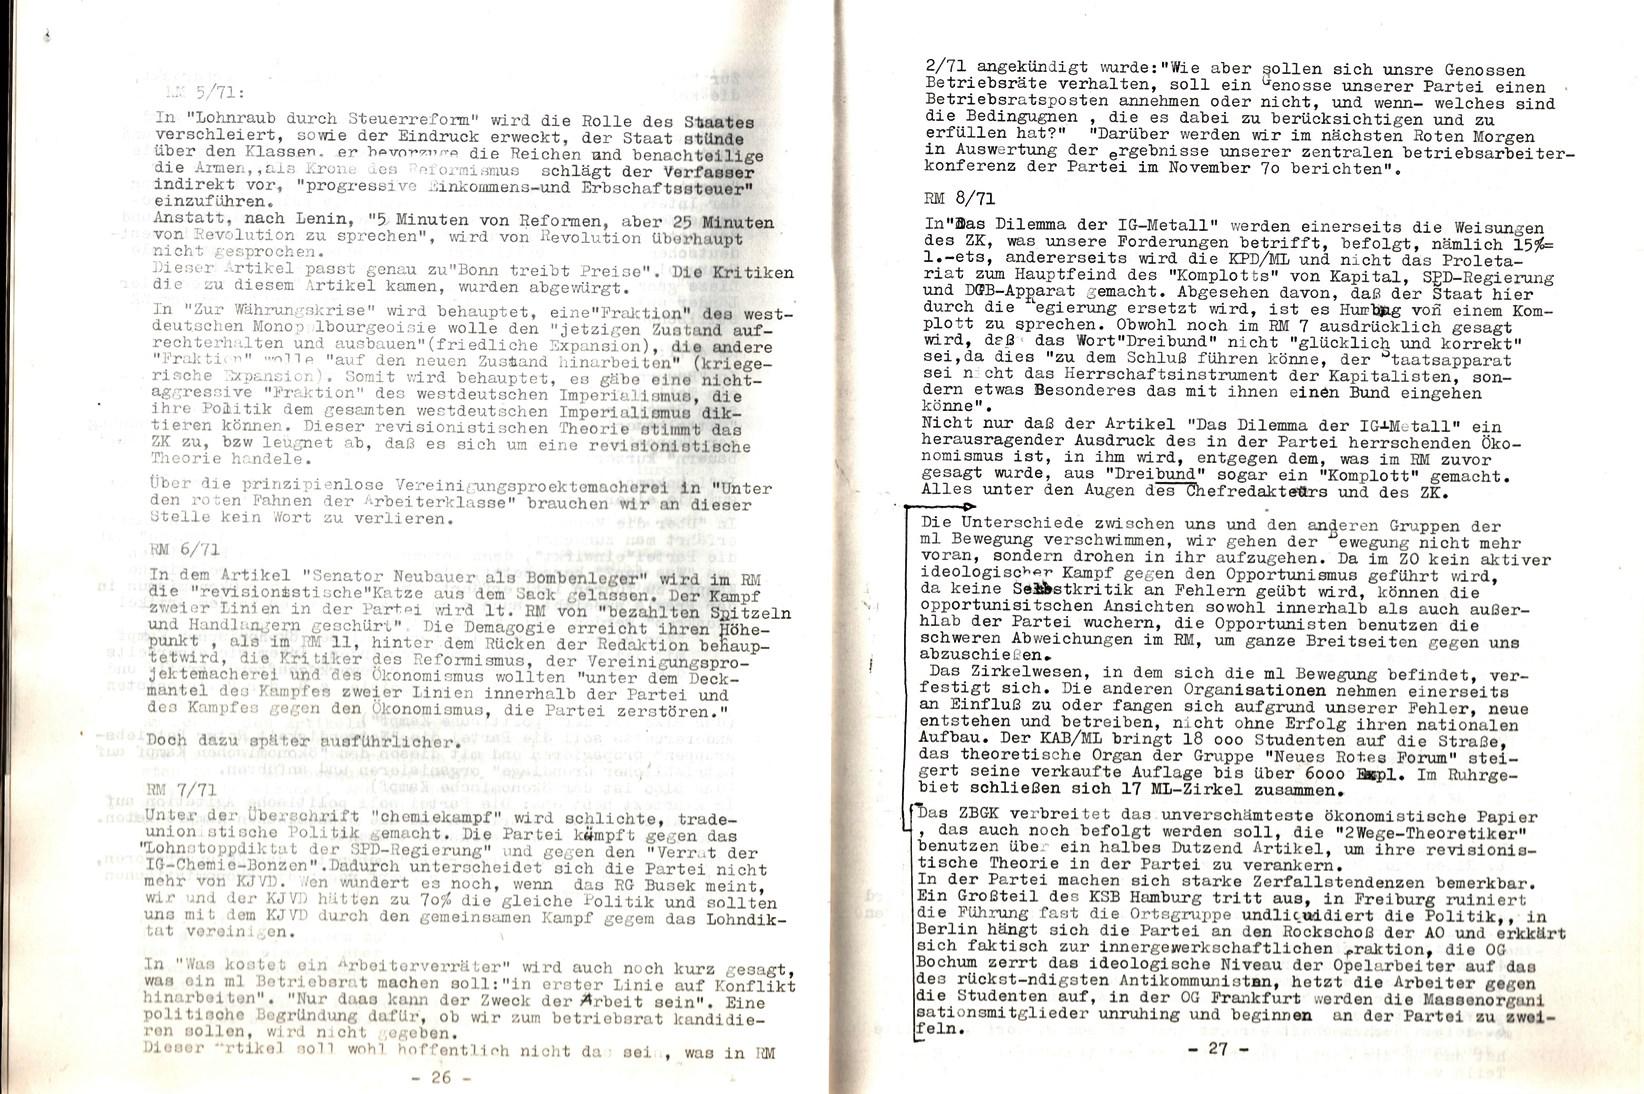 KPDML_1971_Analysen_und_Antraege_des_LV_Sued_West_019